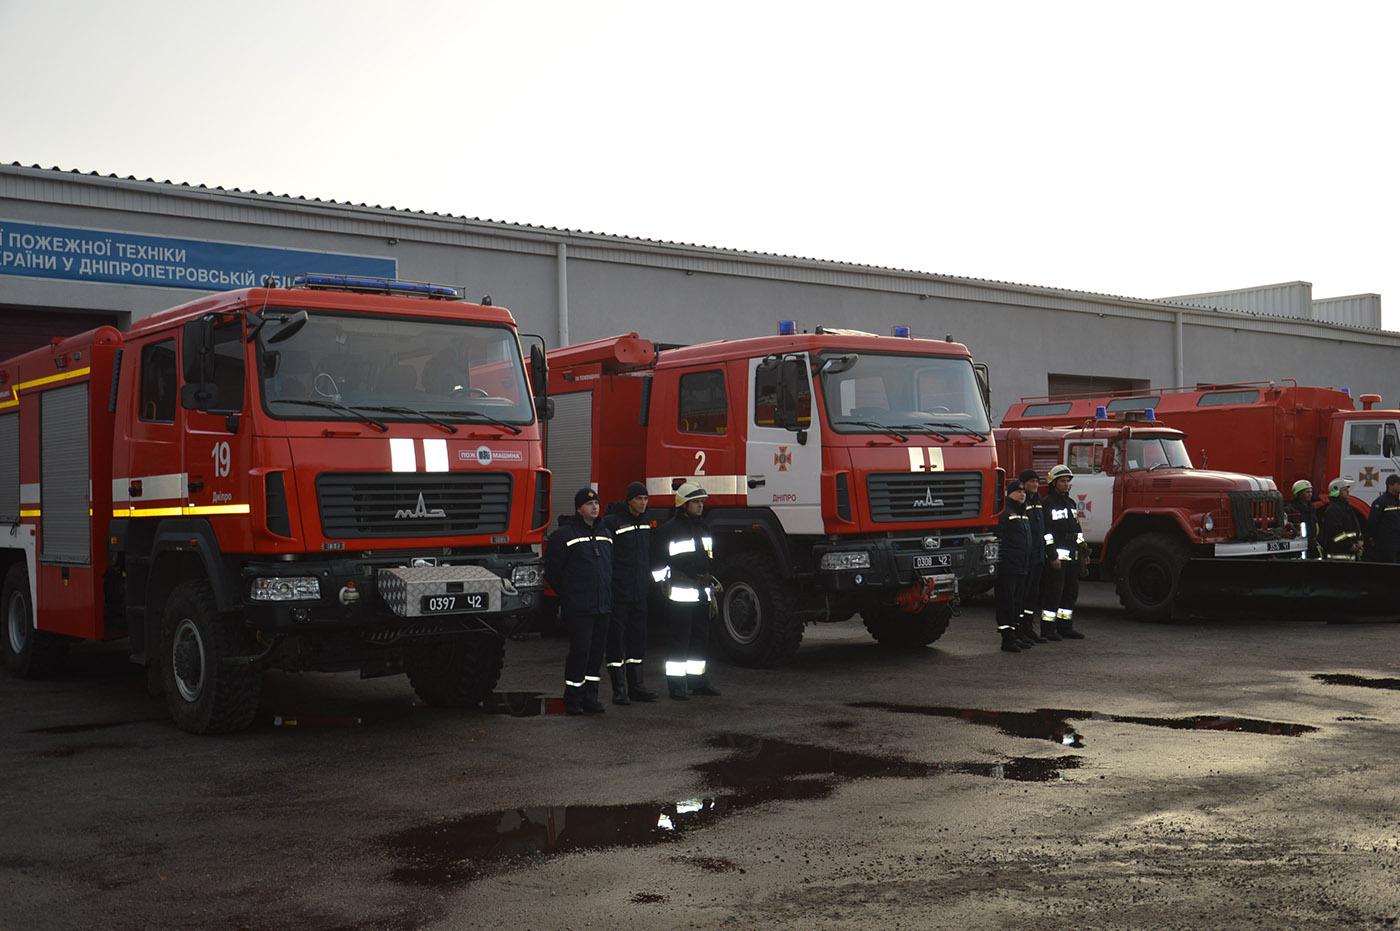 Как спасатели Днепра готовятся к зиме: подробности. Новости Днепра